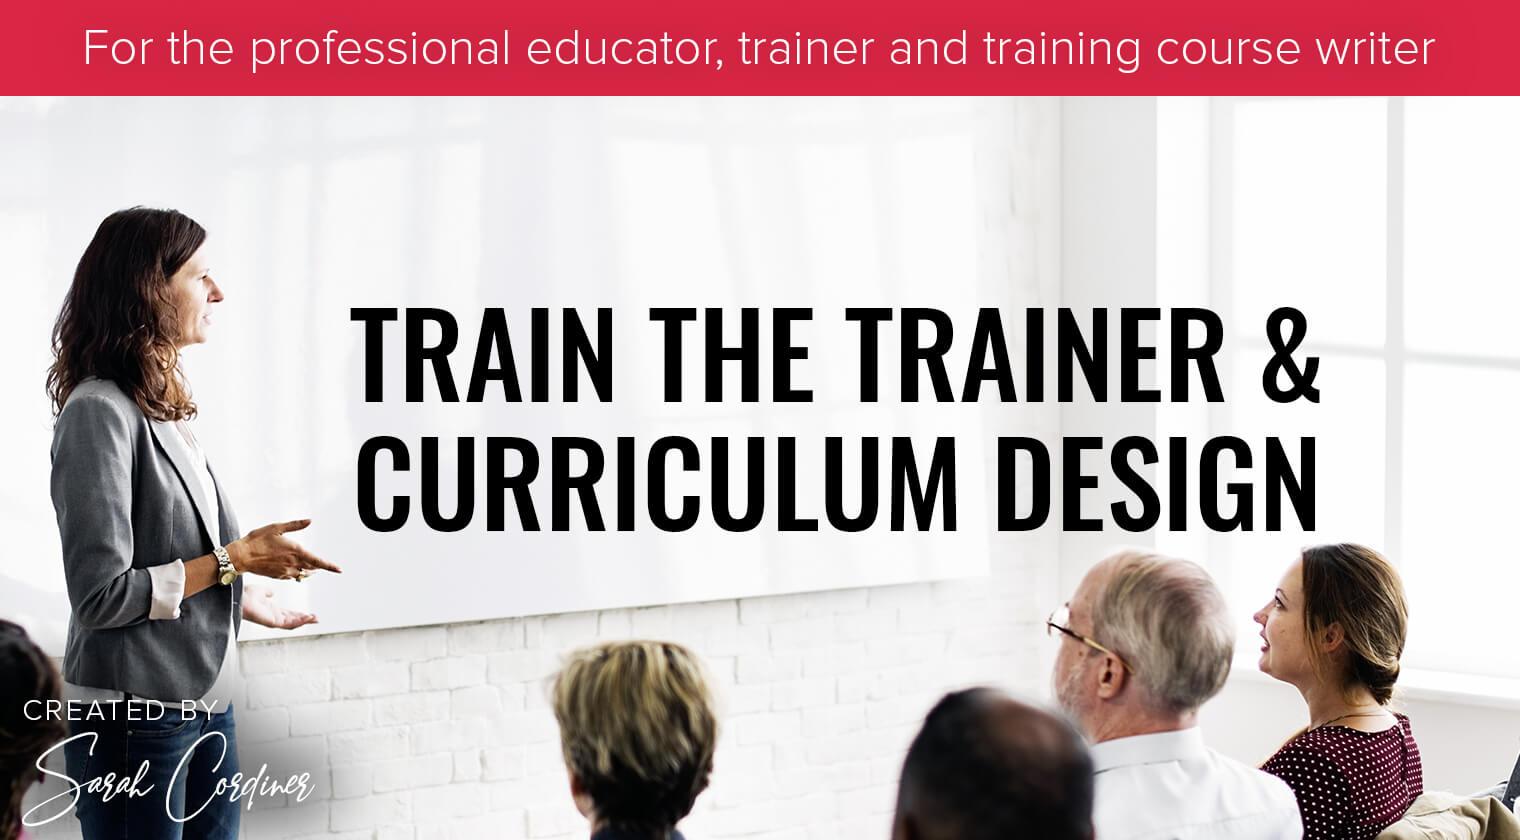 Train the Trainer & Curriculum Design